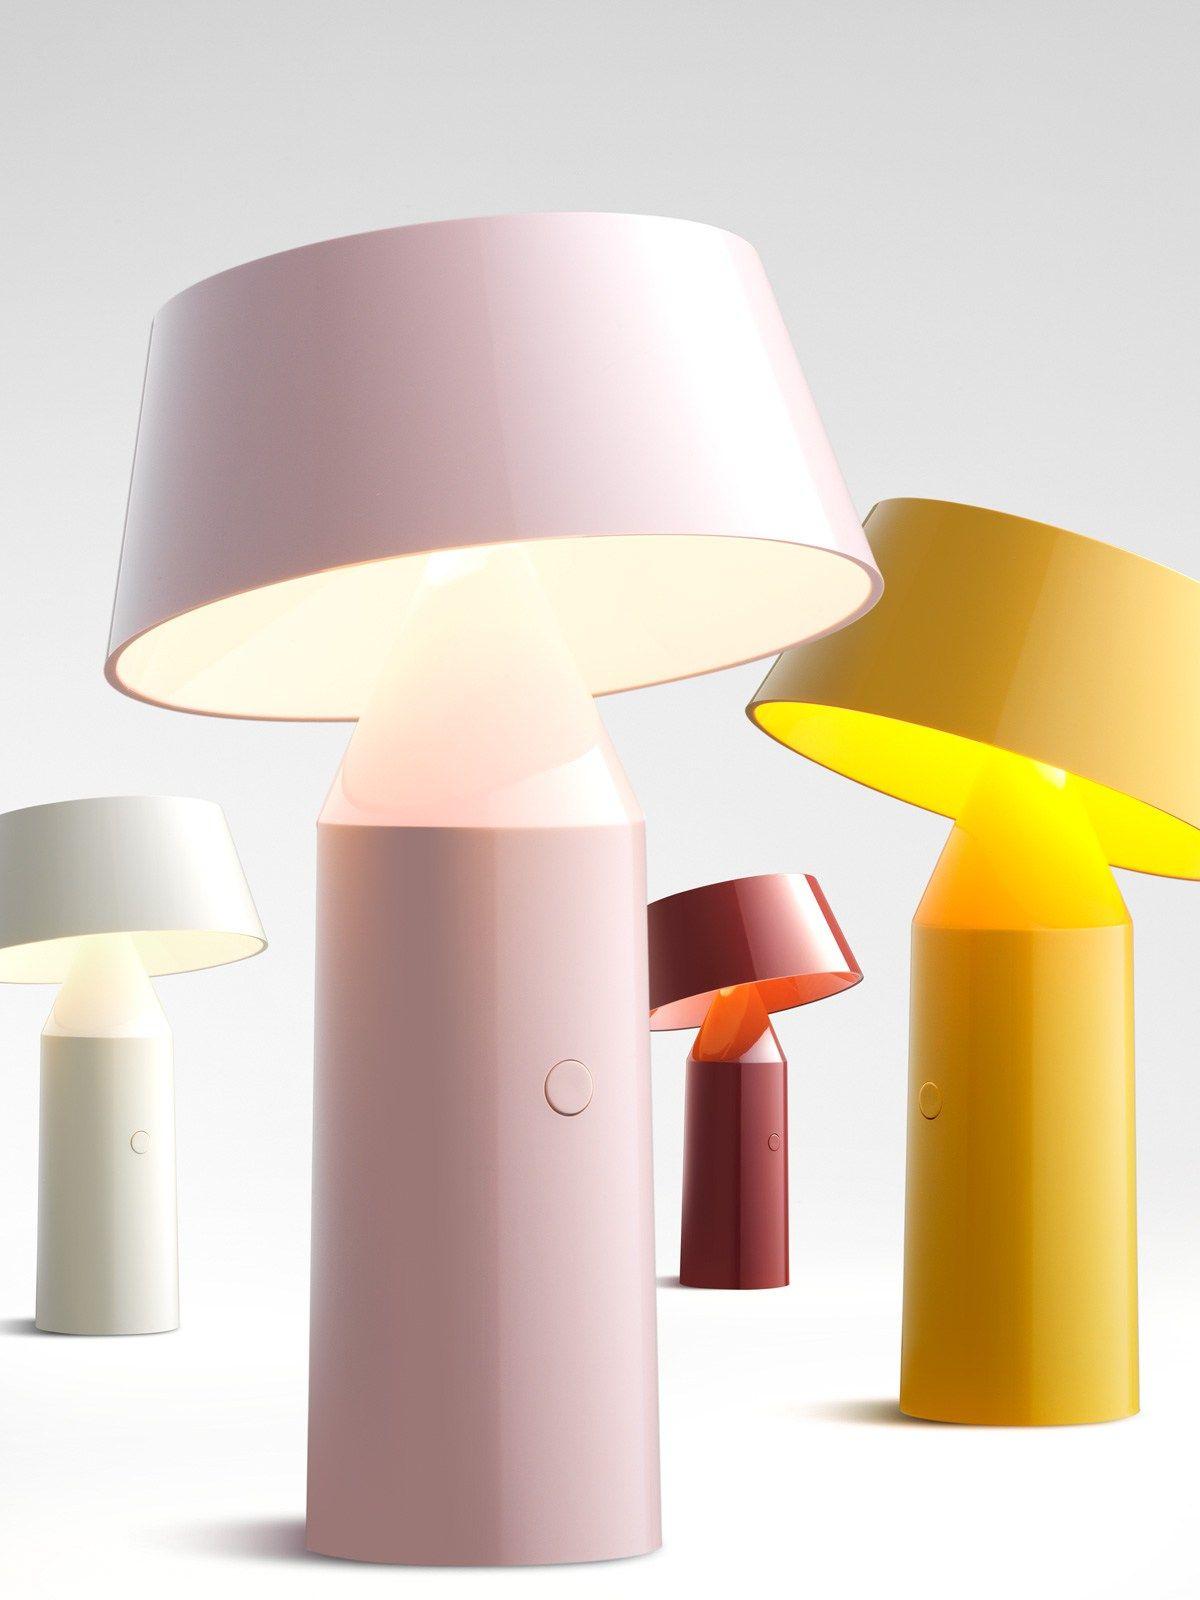 bicoca einrichten mit farbe lampen leuchten und lampen und leuchten. Black Bedroom Furniture Sets. Home Design Ideas